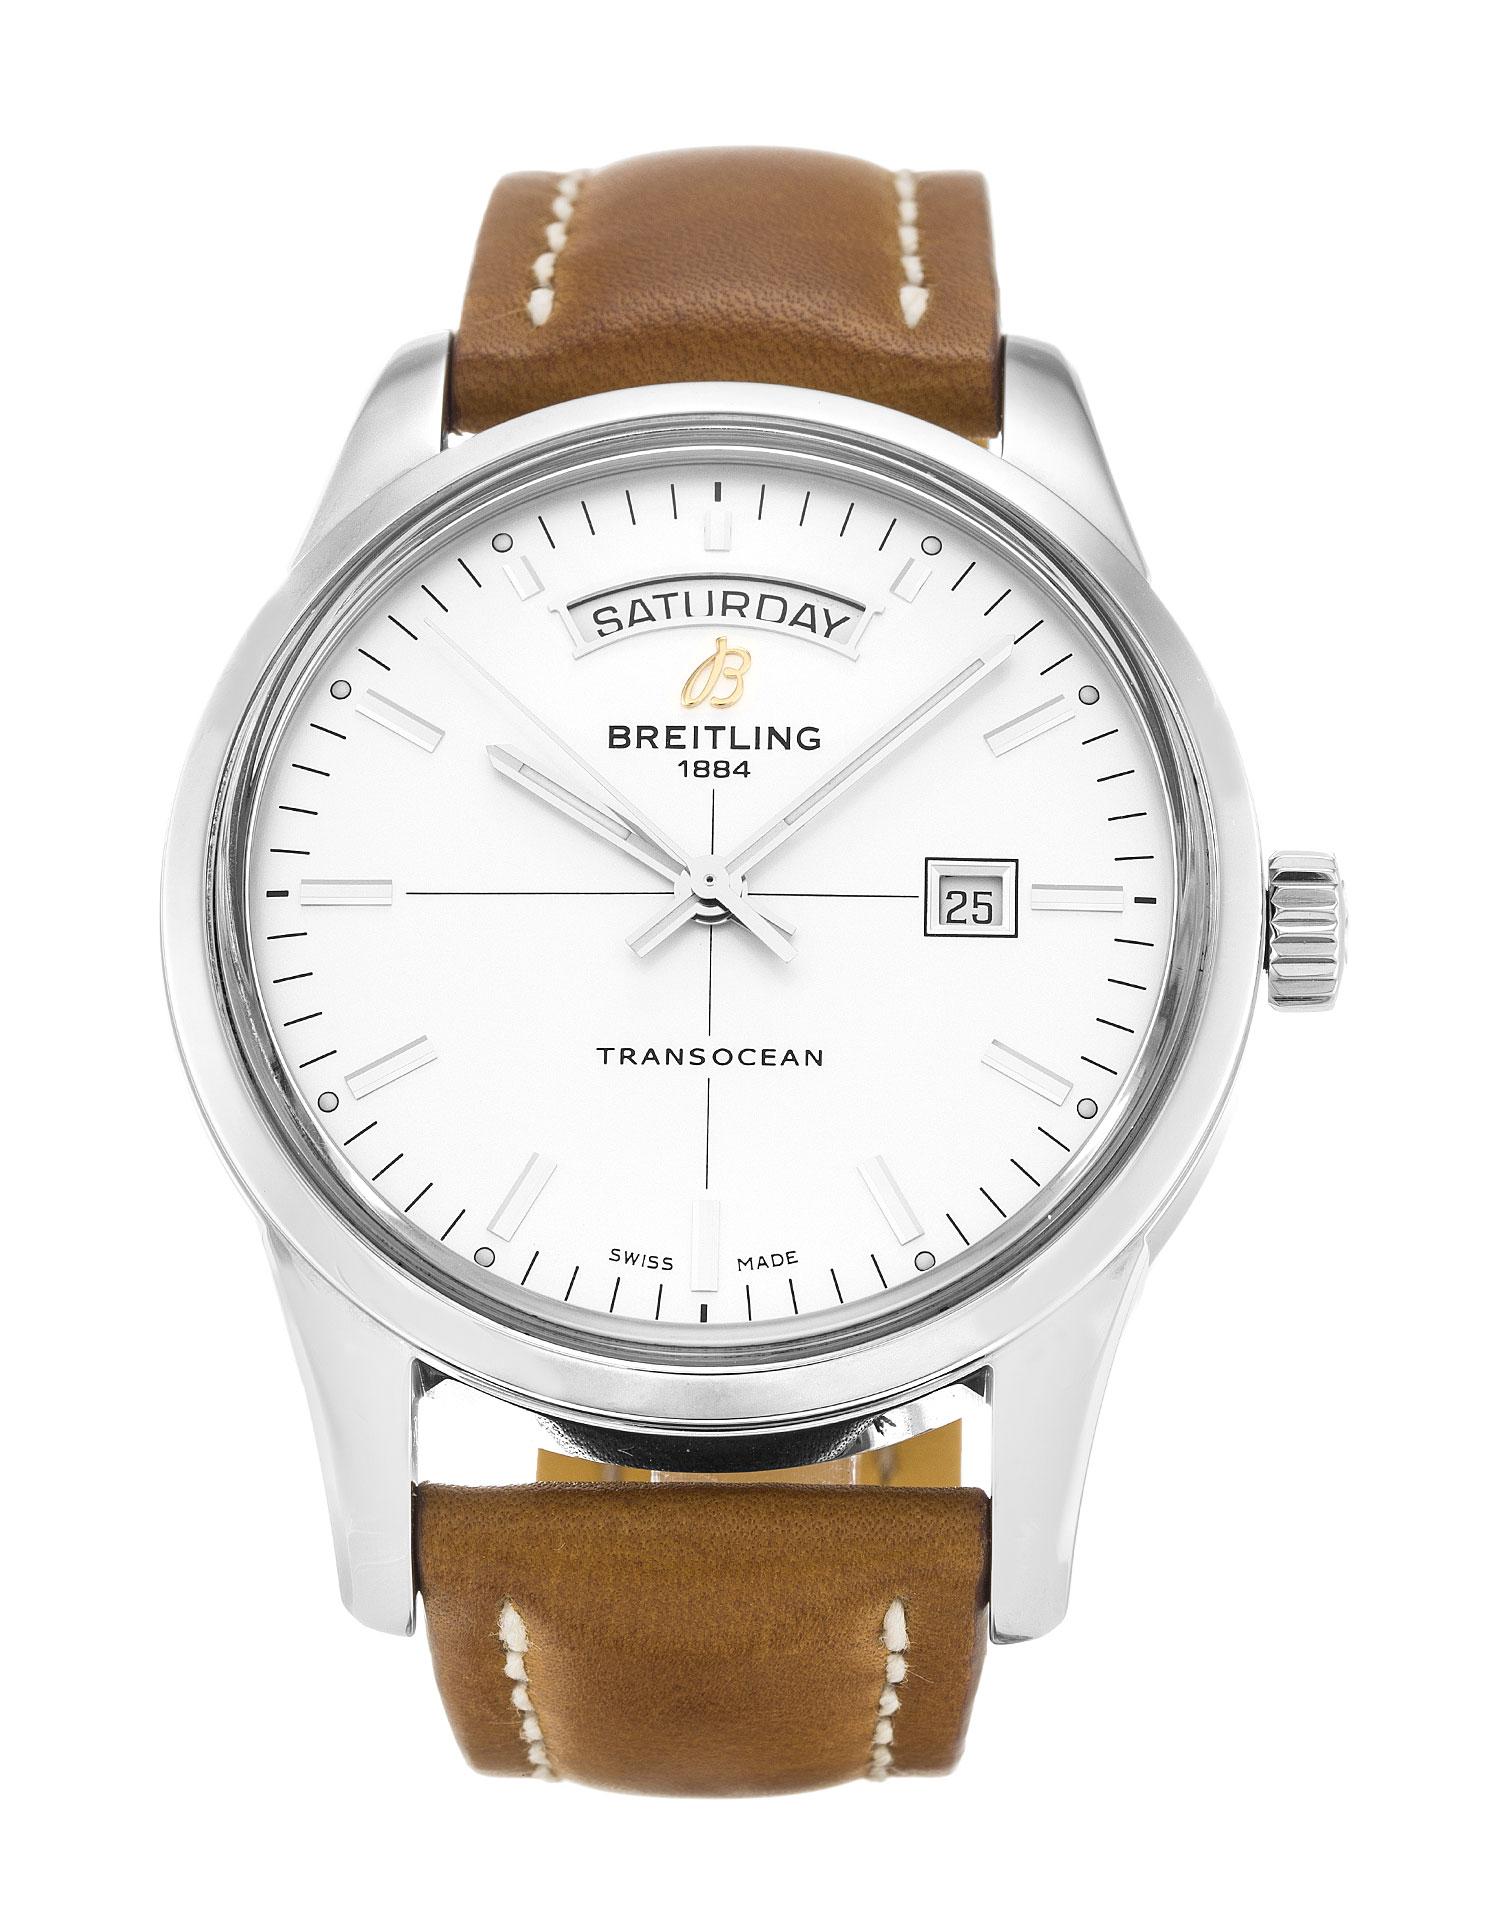 Breitling Transocean A45310